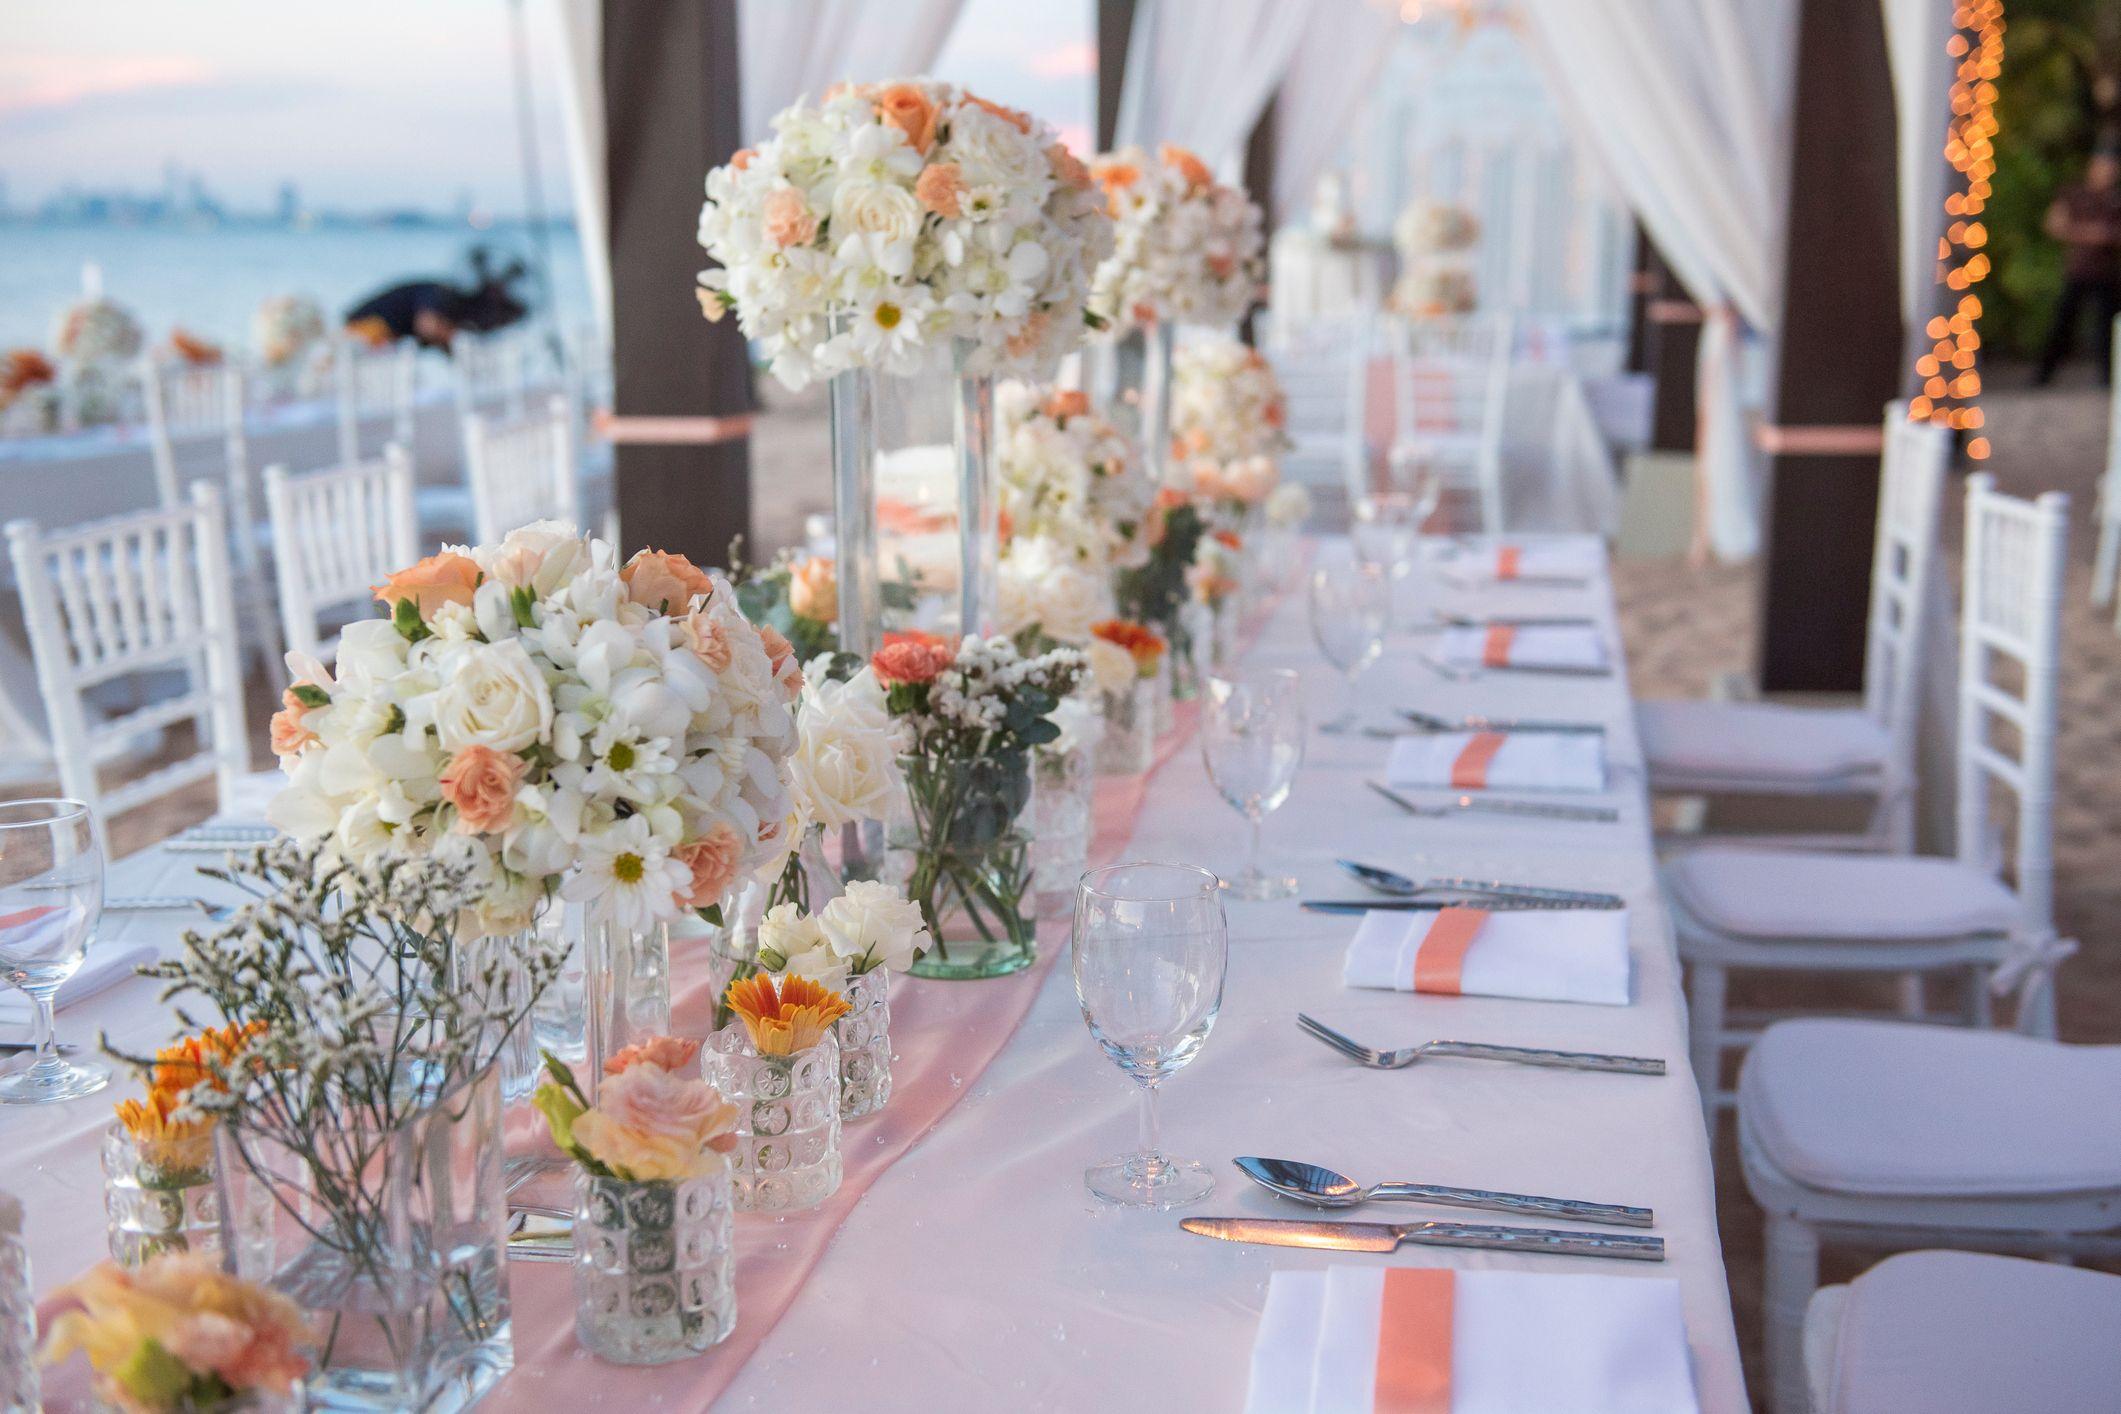 Centrotavola Matrimonio Tema Dolci : Matrimonio a tema living coral il colore pantone dell anno